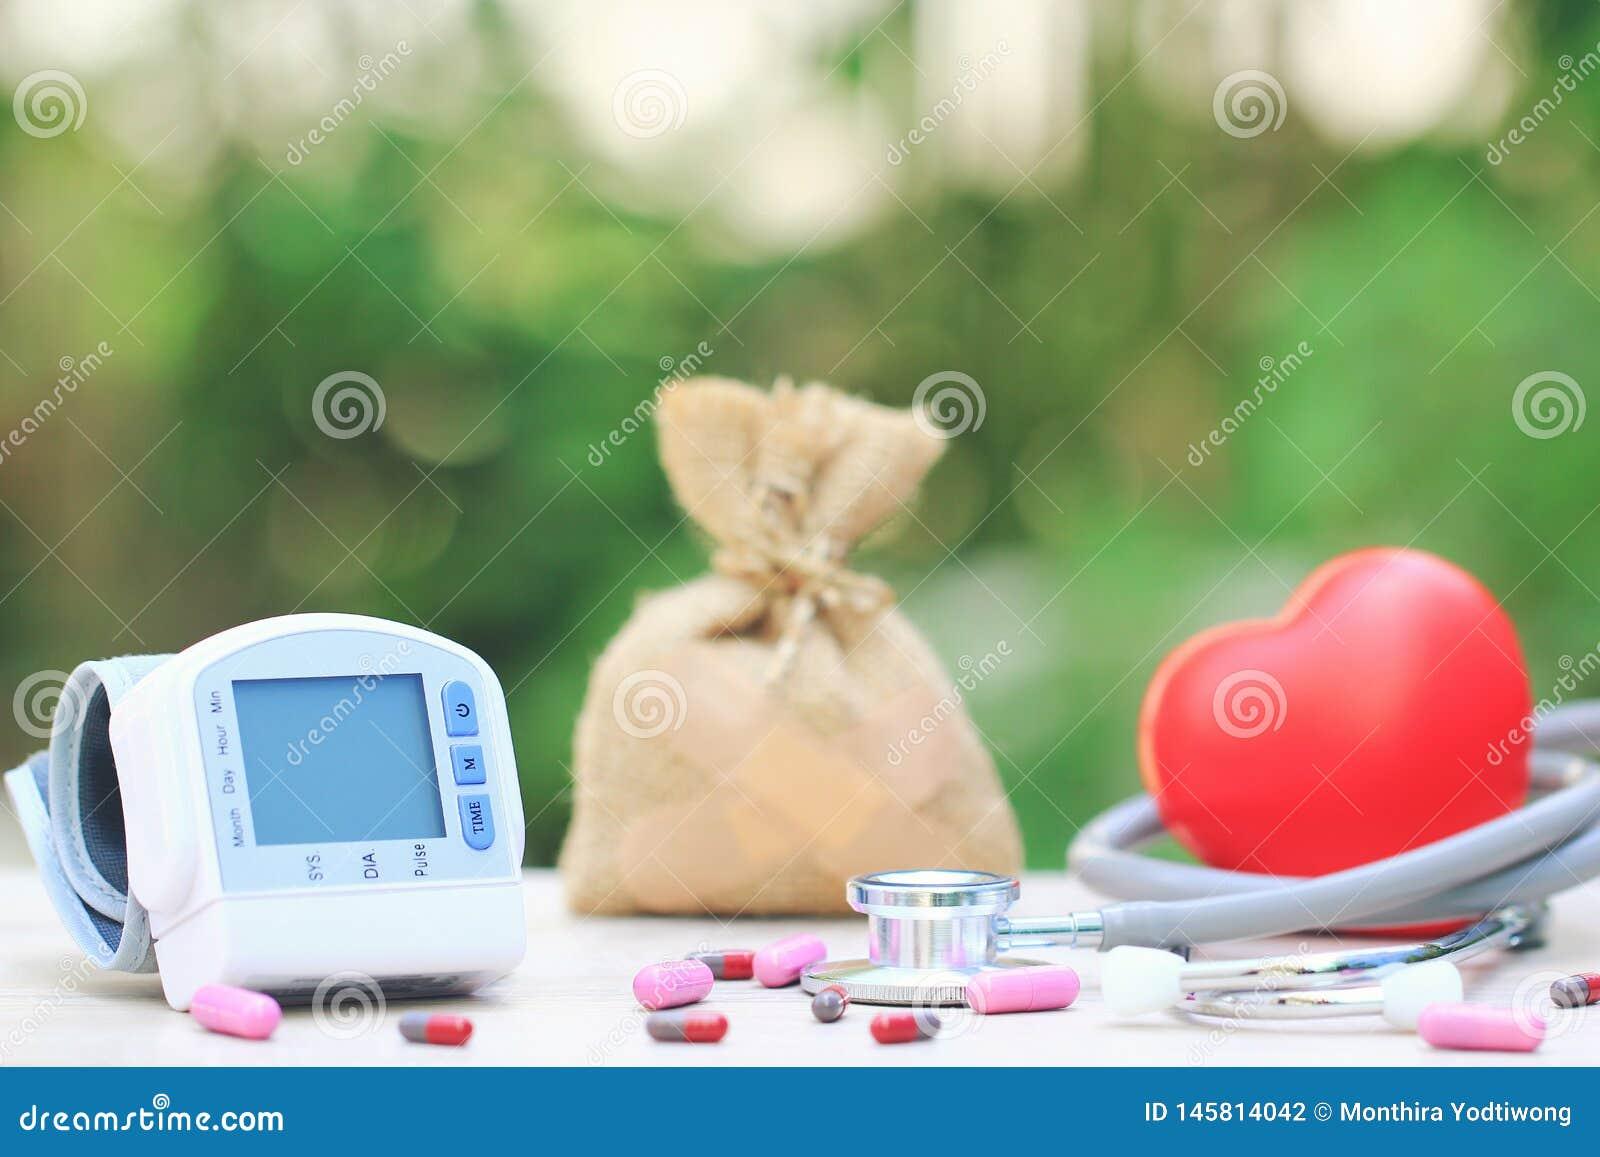 Ιατρικό tonometer για τη μέτρηση της πίεσης του αίματος με το στηθοσκόπιο και την κόκκινη καρδιά στο πράσινο υπόβαθρο, τις ιατρικ